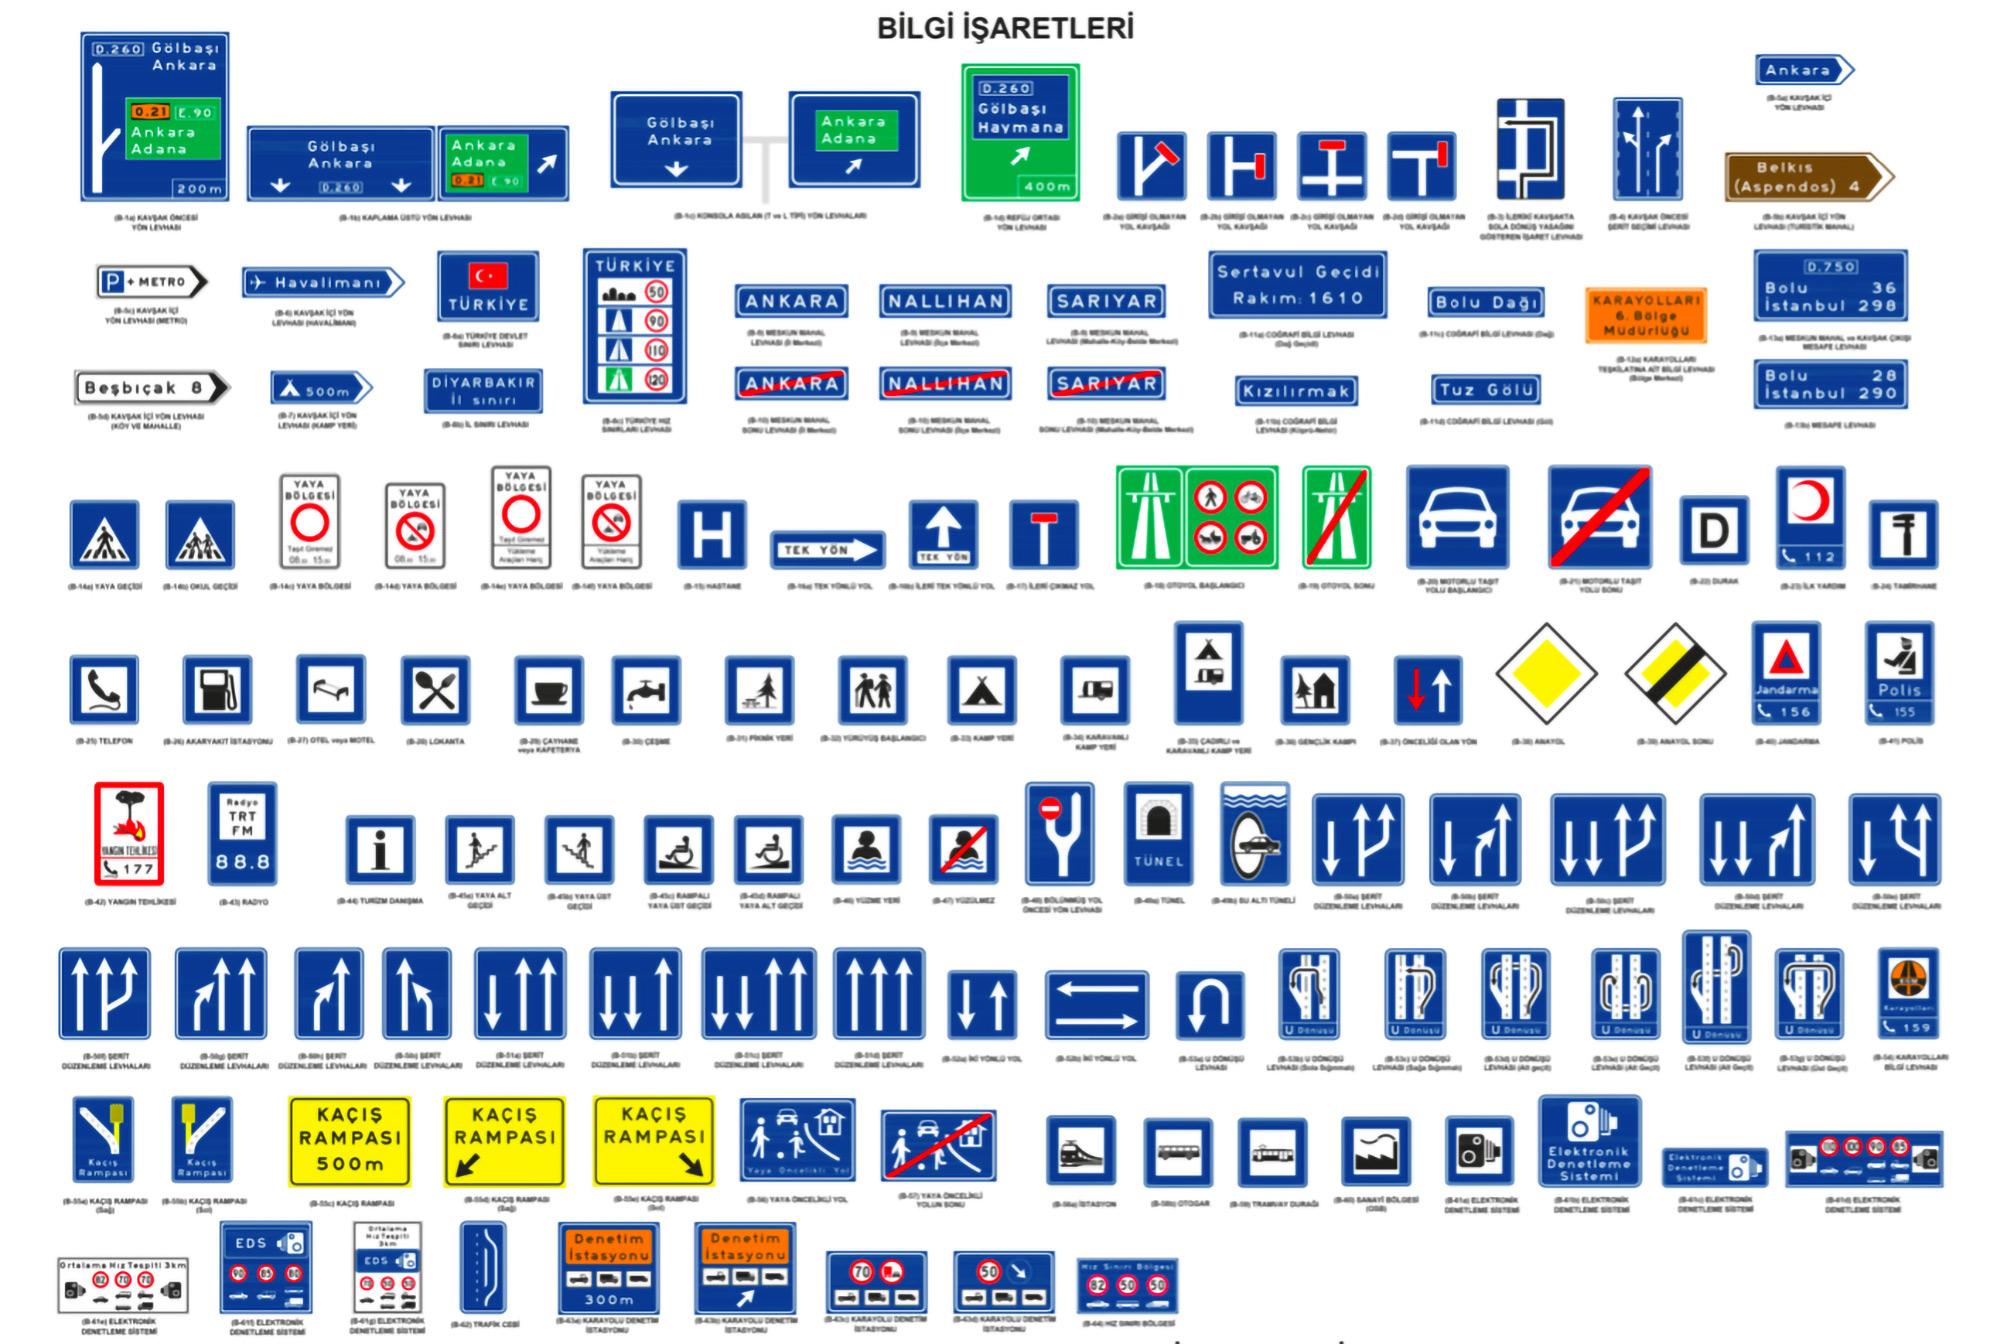 Güvenli Sürüş için Trafik Levha ve Anlamları 1997x1005 03 Levha